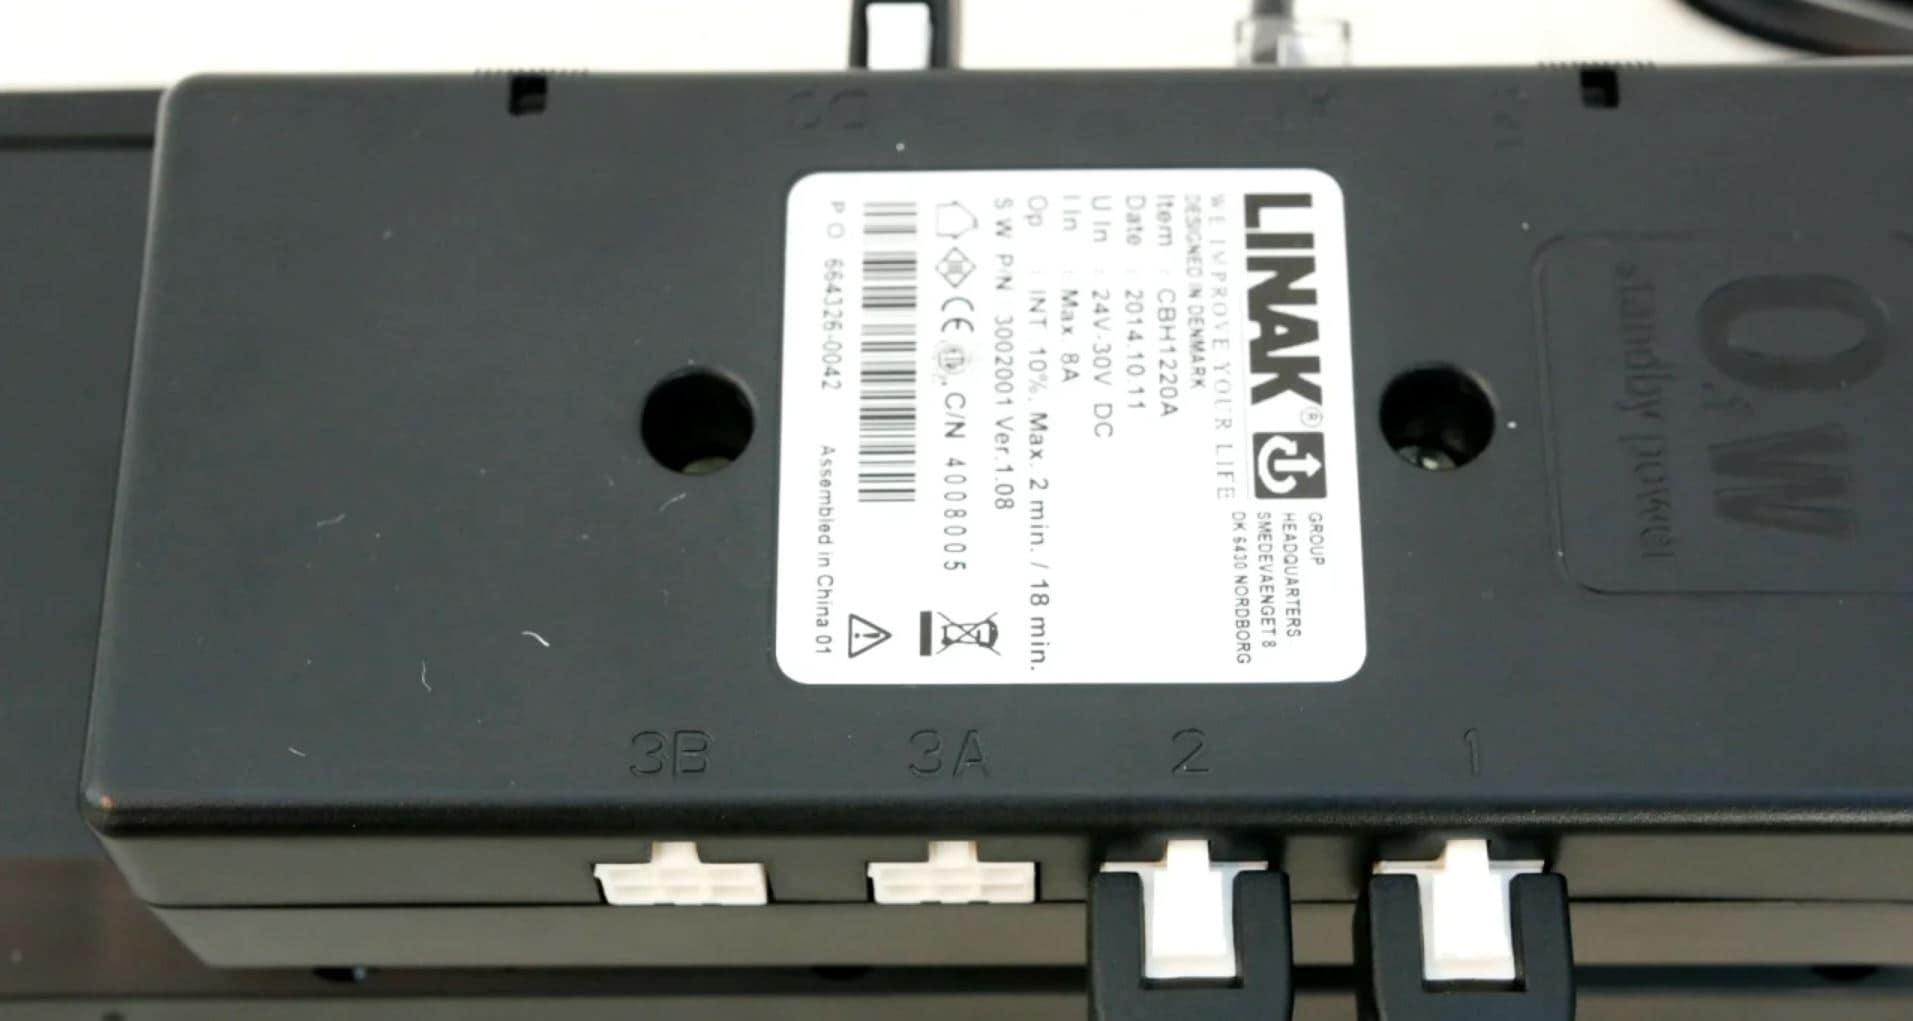 Design justeringsløsninger ved at kombinere en TD4 aktuator med en CBH kontrolboks